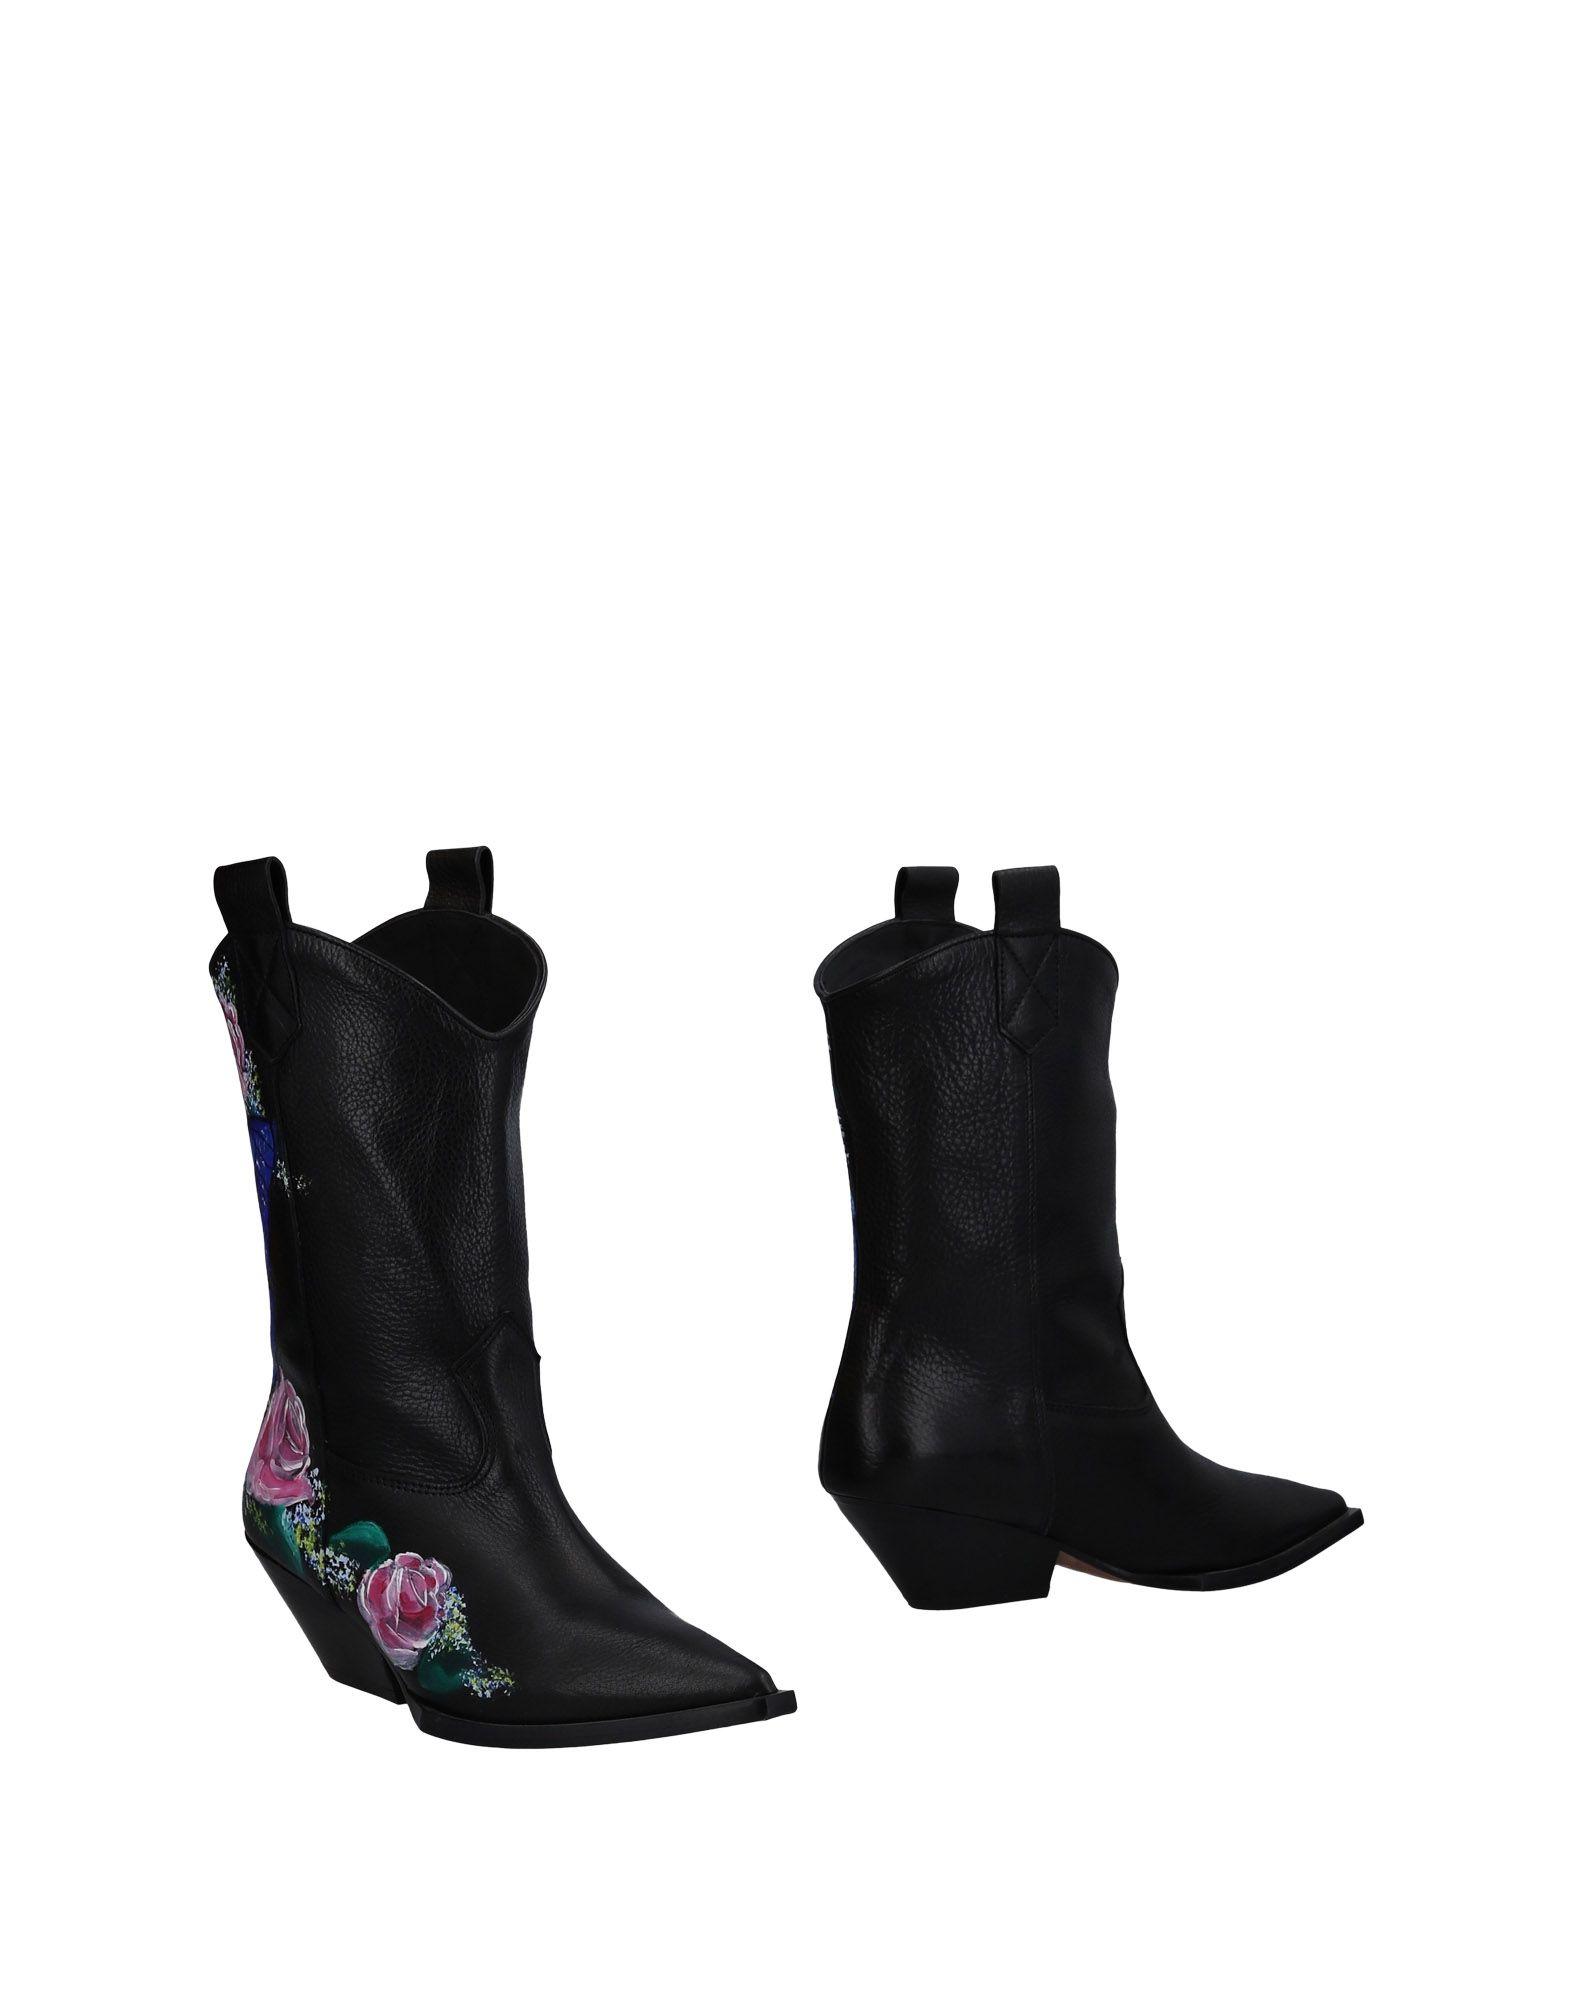 Ras  Stiefelette Damen  Ras 11487341JIGut aussehende strapazierfähige Schuhe 1852c8